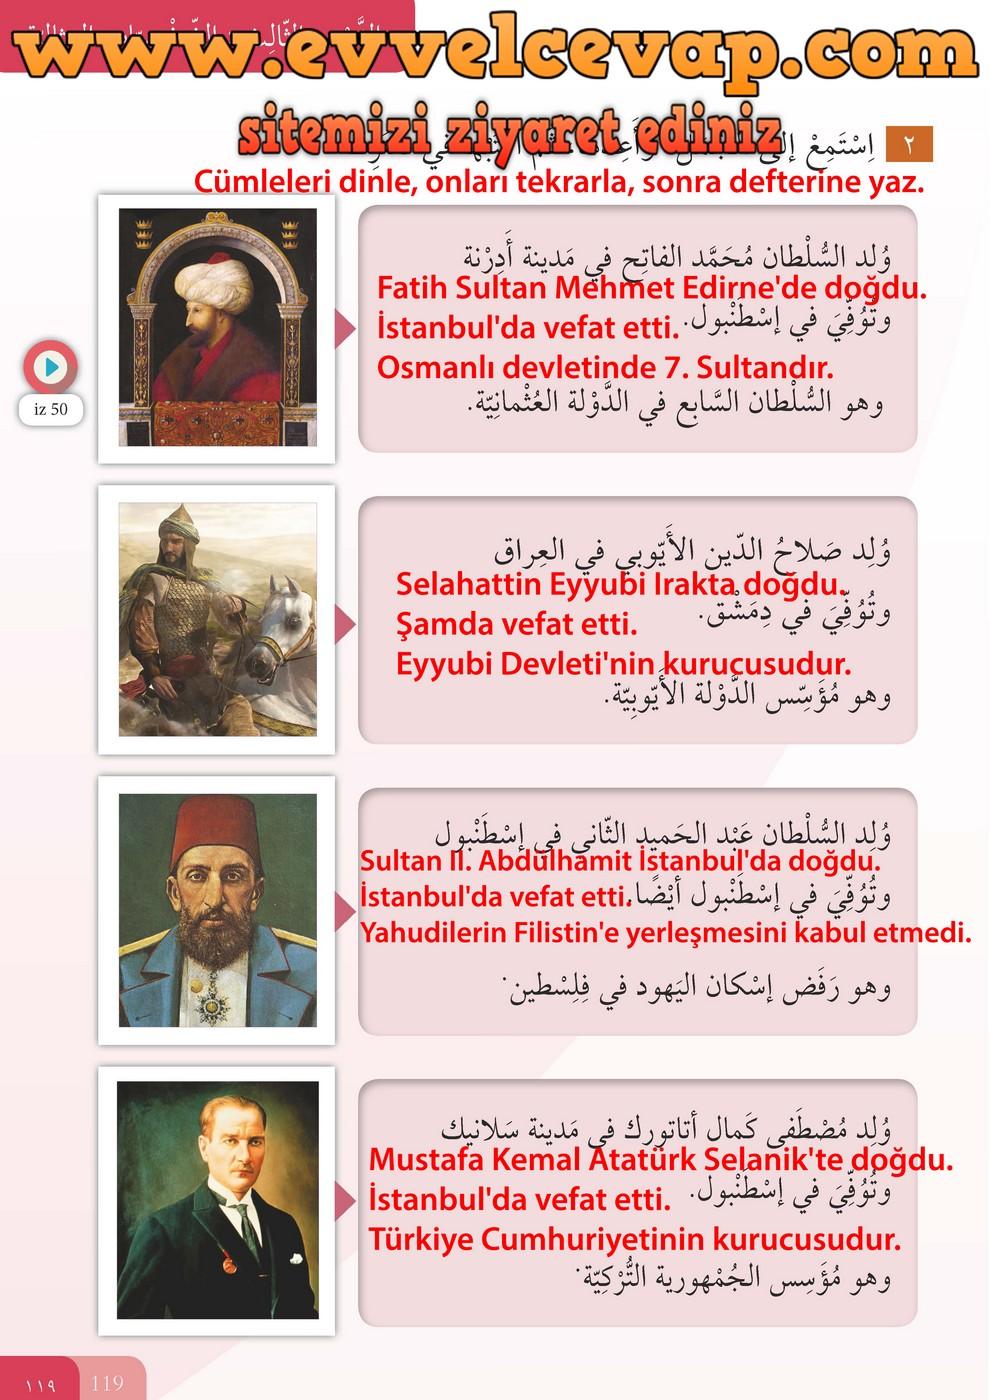 7. Sınıf Meb Yayınları Arapça Ders ve Öğrenci Çalışma Kitabı Sayfa 119 Cevabı